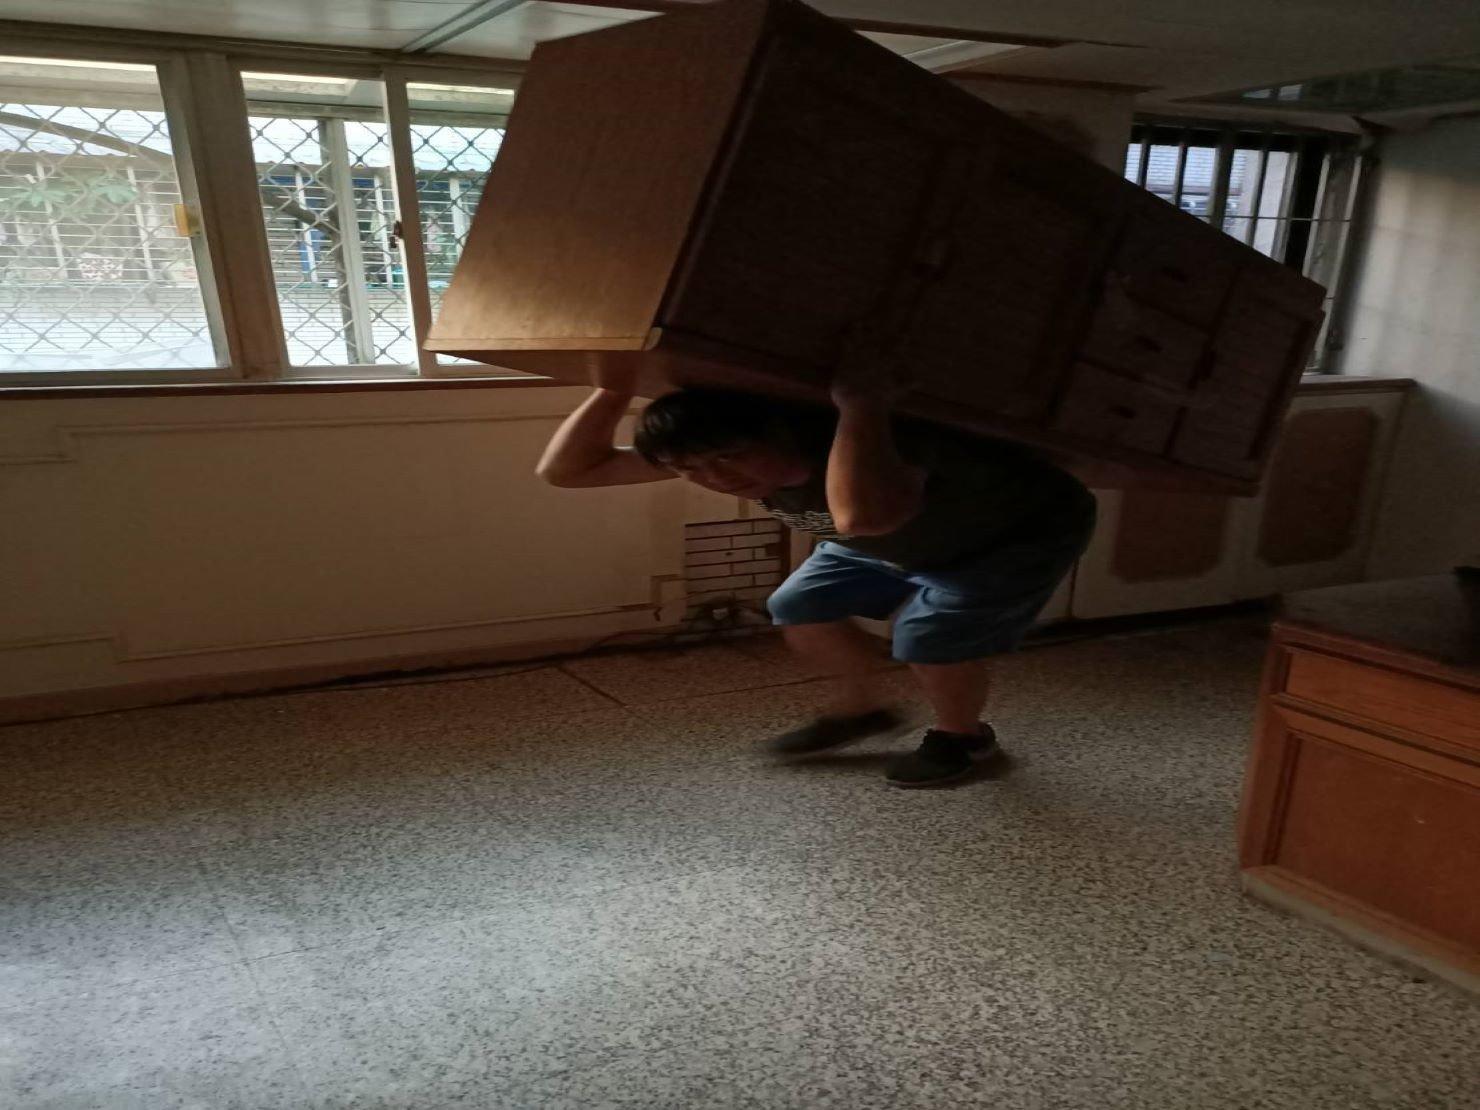 台北搬家【榮福搬家】搬家推薦給您最優質、最安全的搬遷服務:圓滿達成顧客搬遷服務